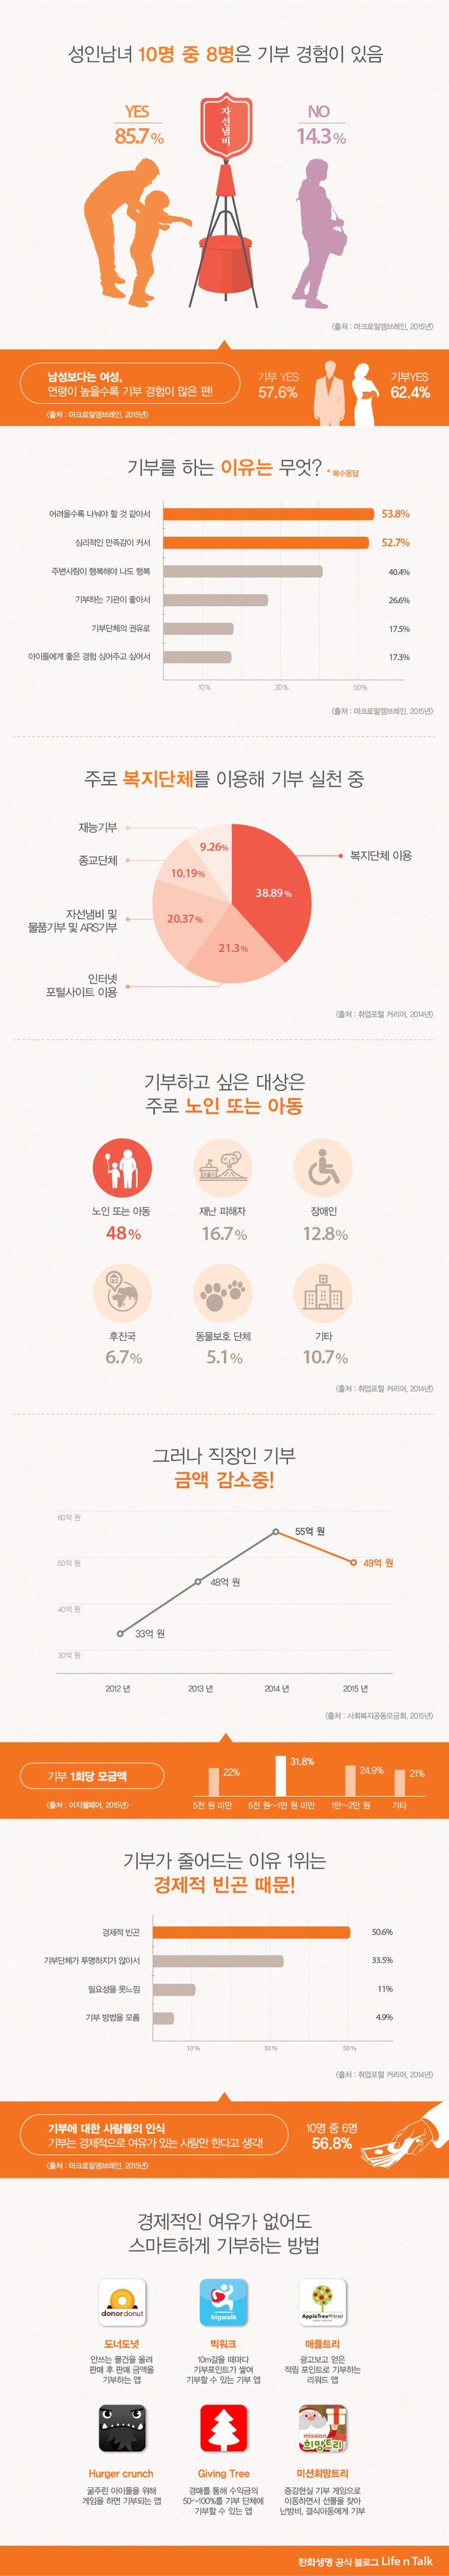 [Infographic] '훈훈한 기부로 따뜻한 새해 보내는 방법'에 대한 한화생명 블로그의 인포그래픽